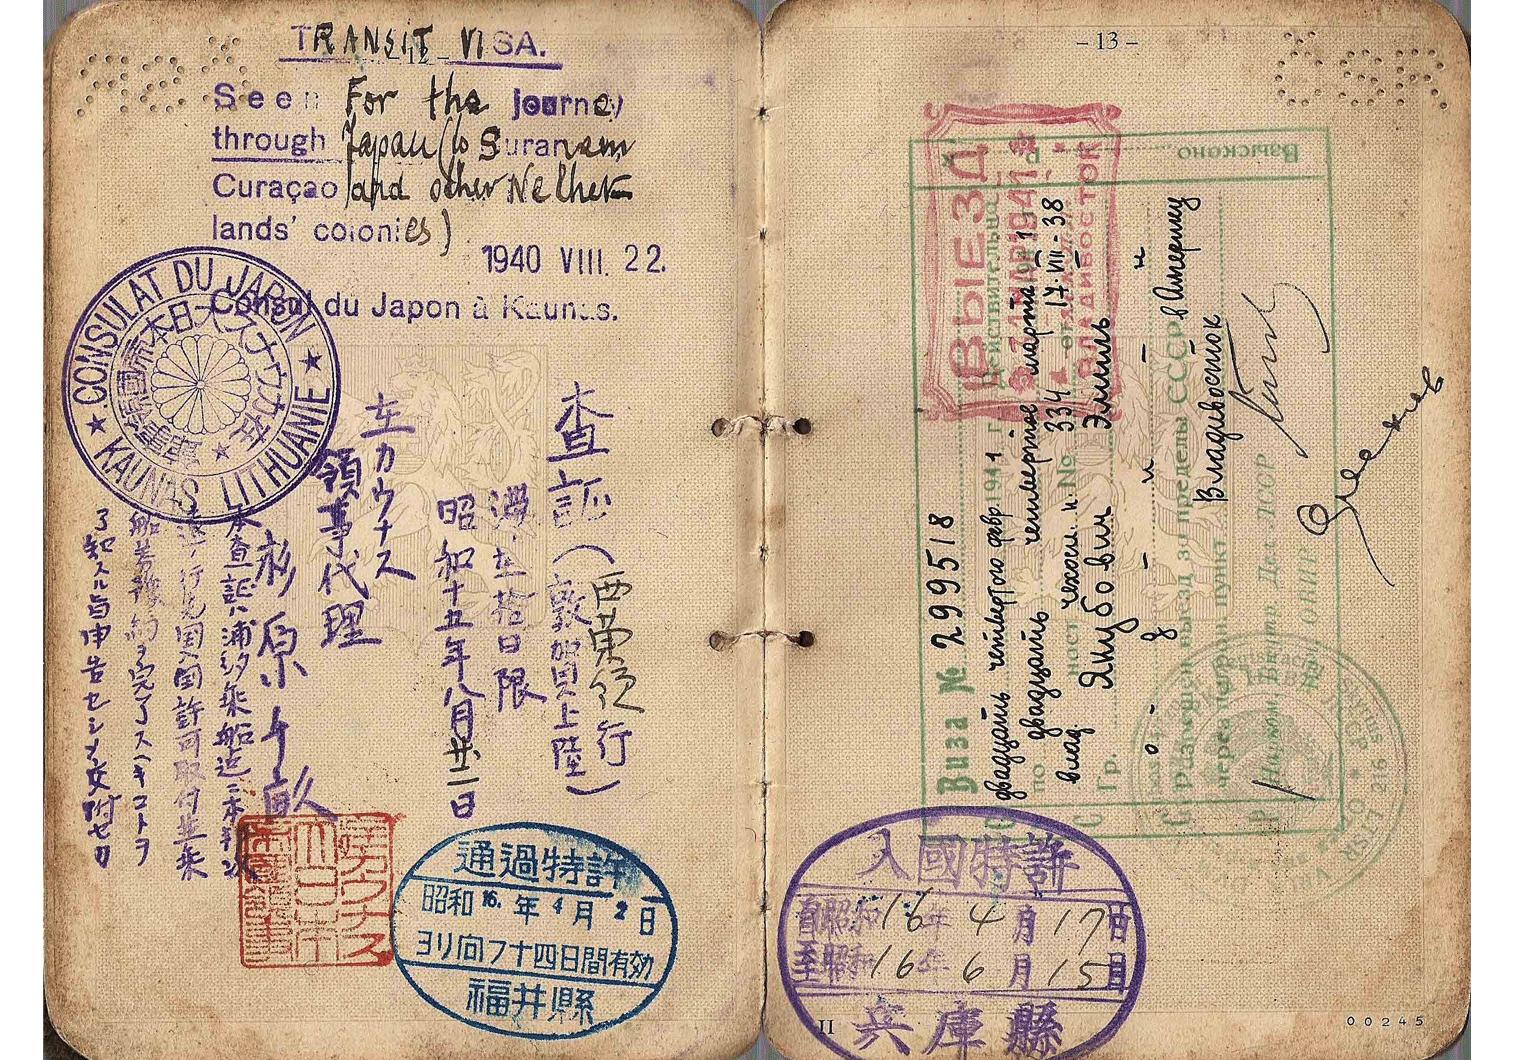 Chiune Sempo Sugihara life-saving visa